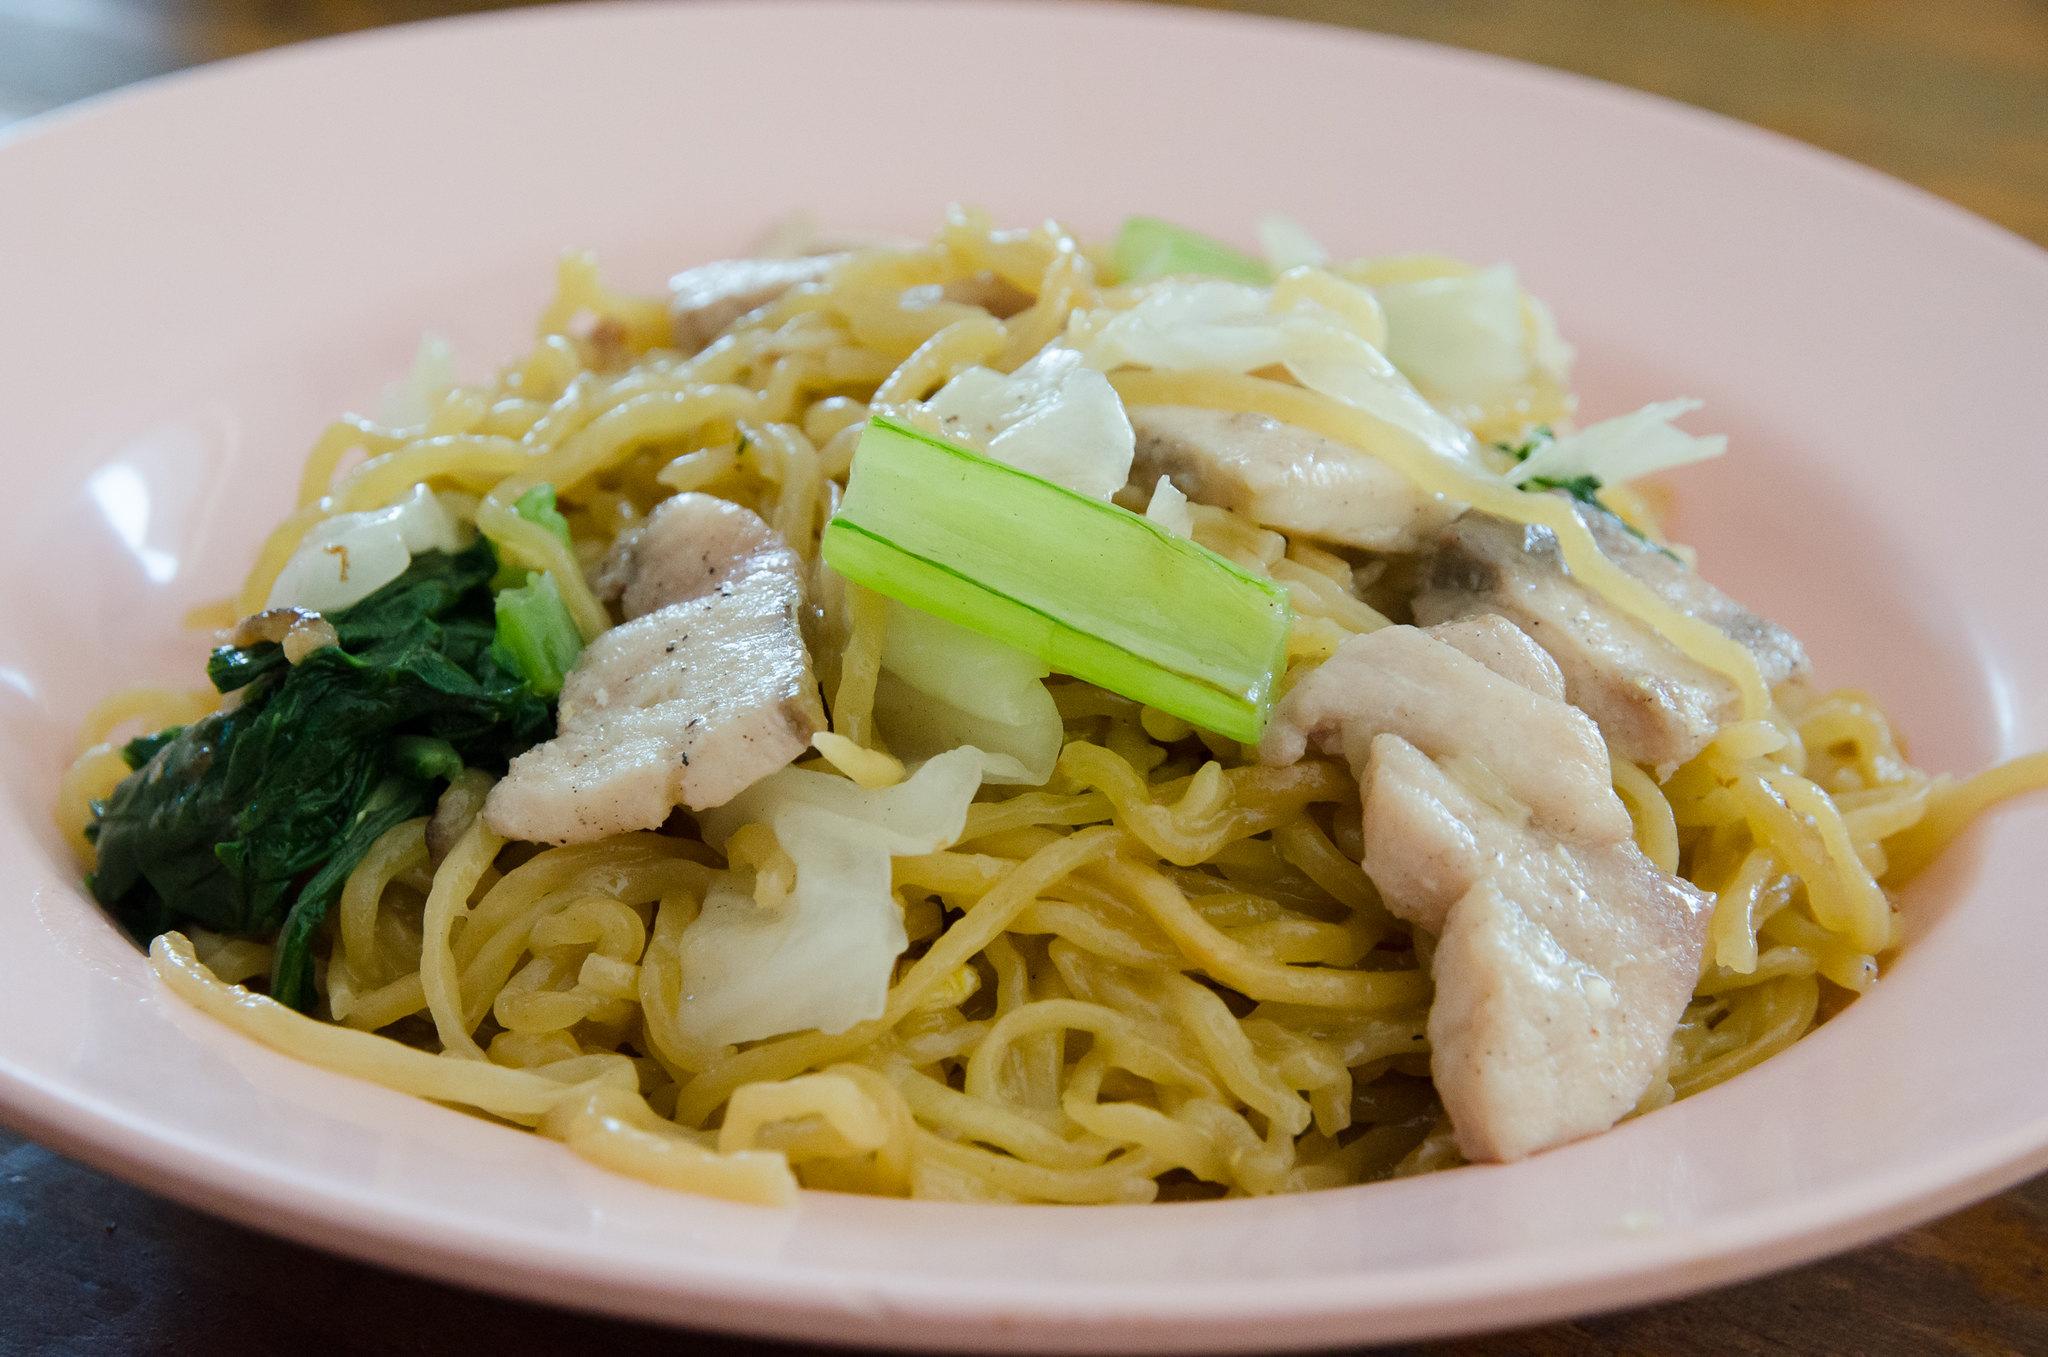 Tuaran Mee at Lok Kyun Restaurant, Tuaran, Sabah